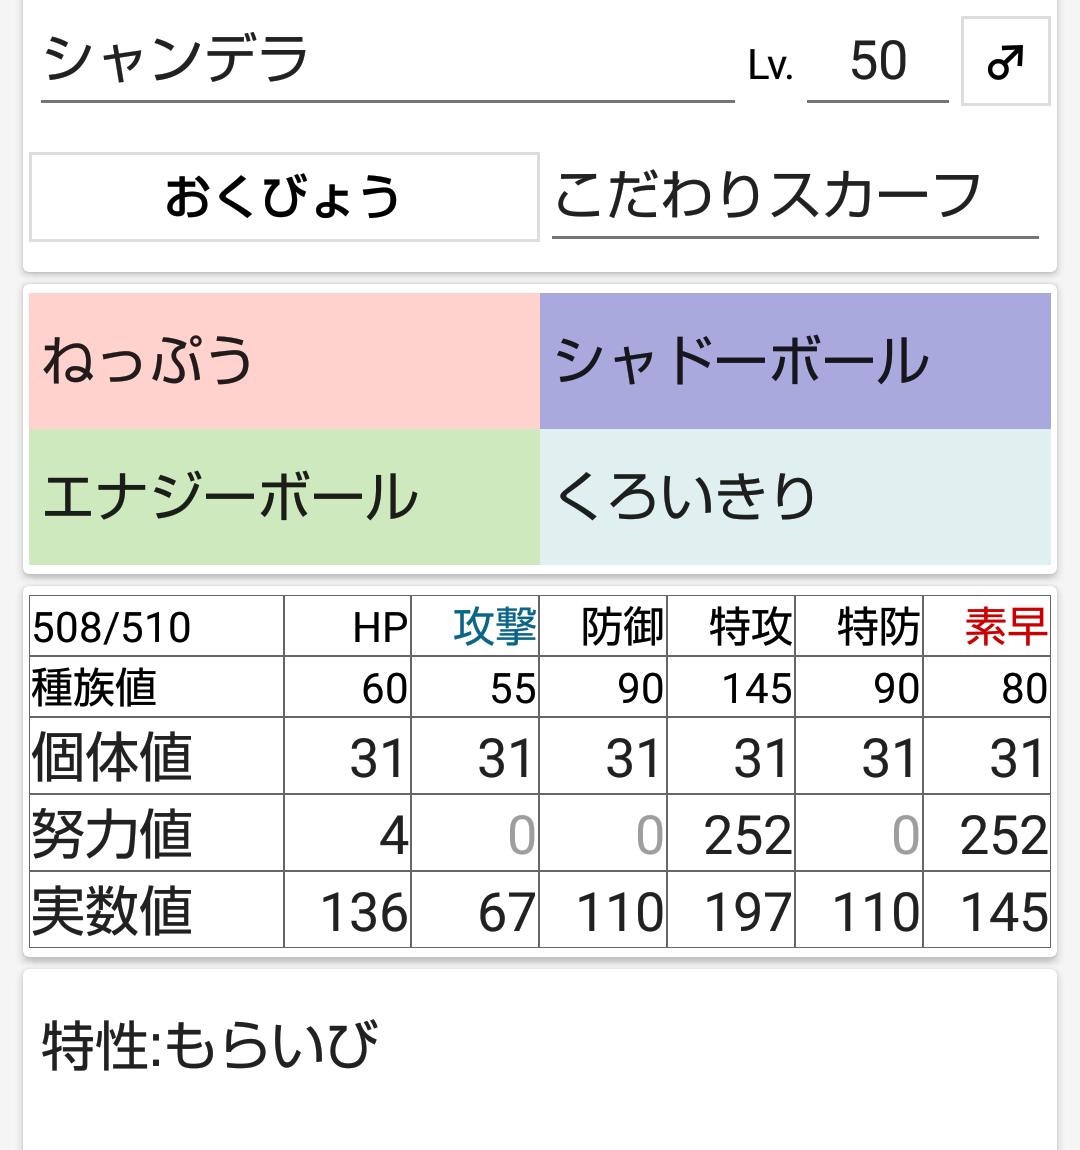 ポケモン剣盾シャンデラ育成論